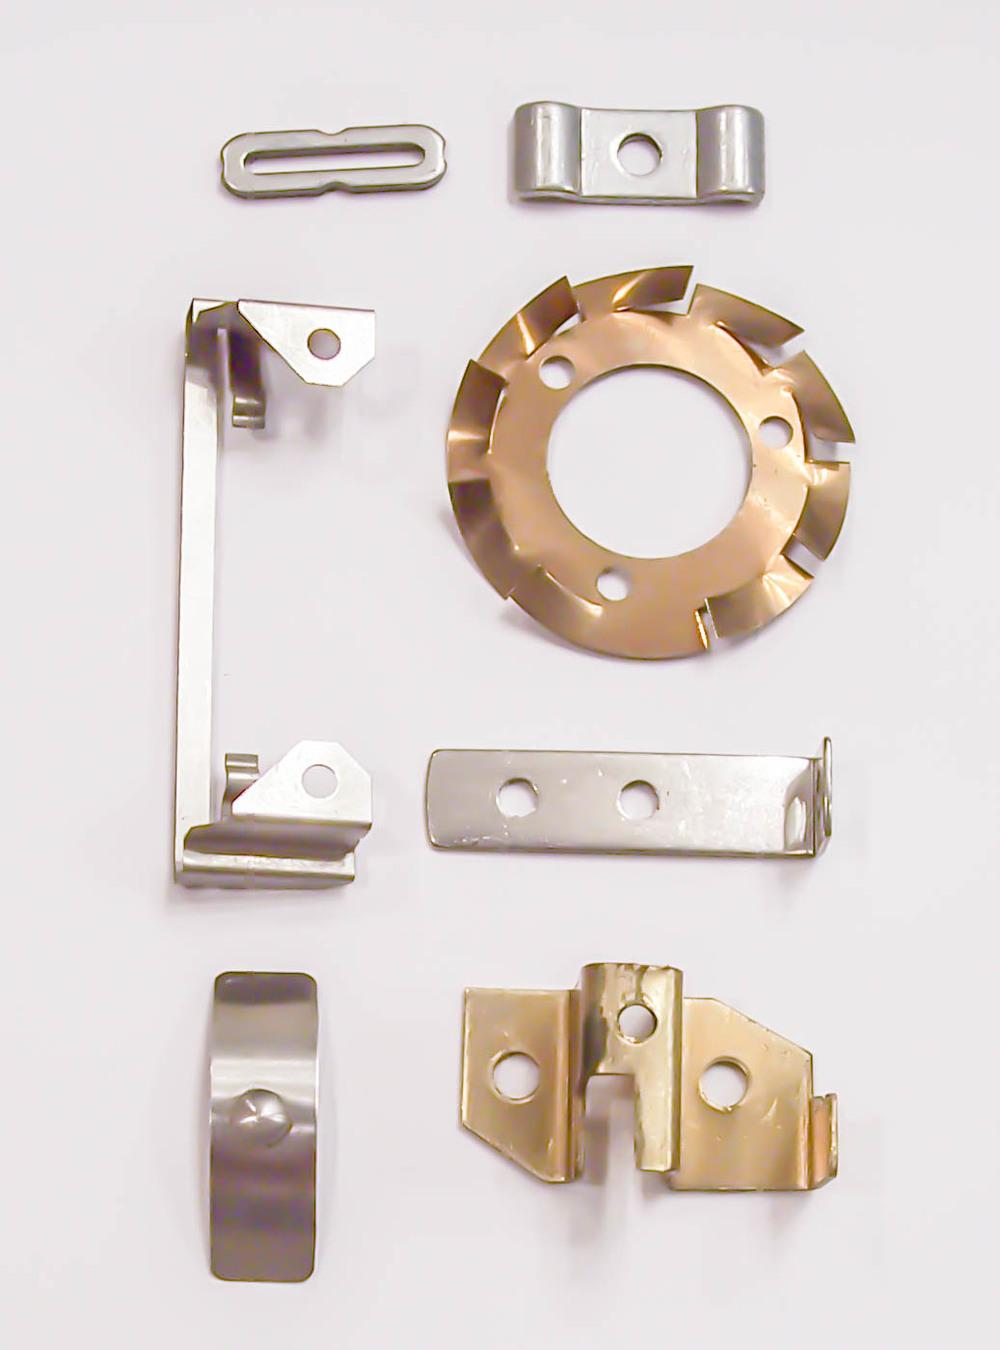 misc-stampings3-lewel-tool.jpg